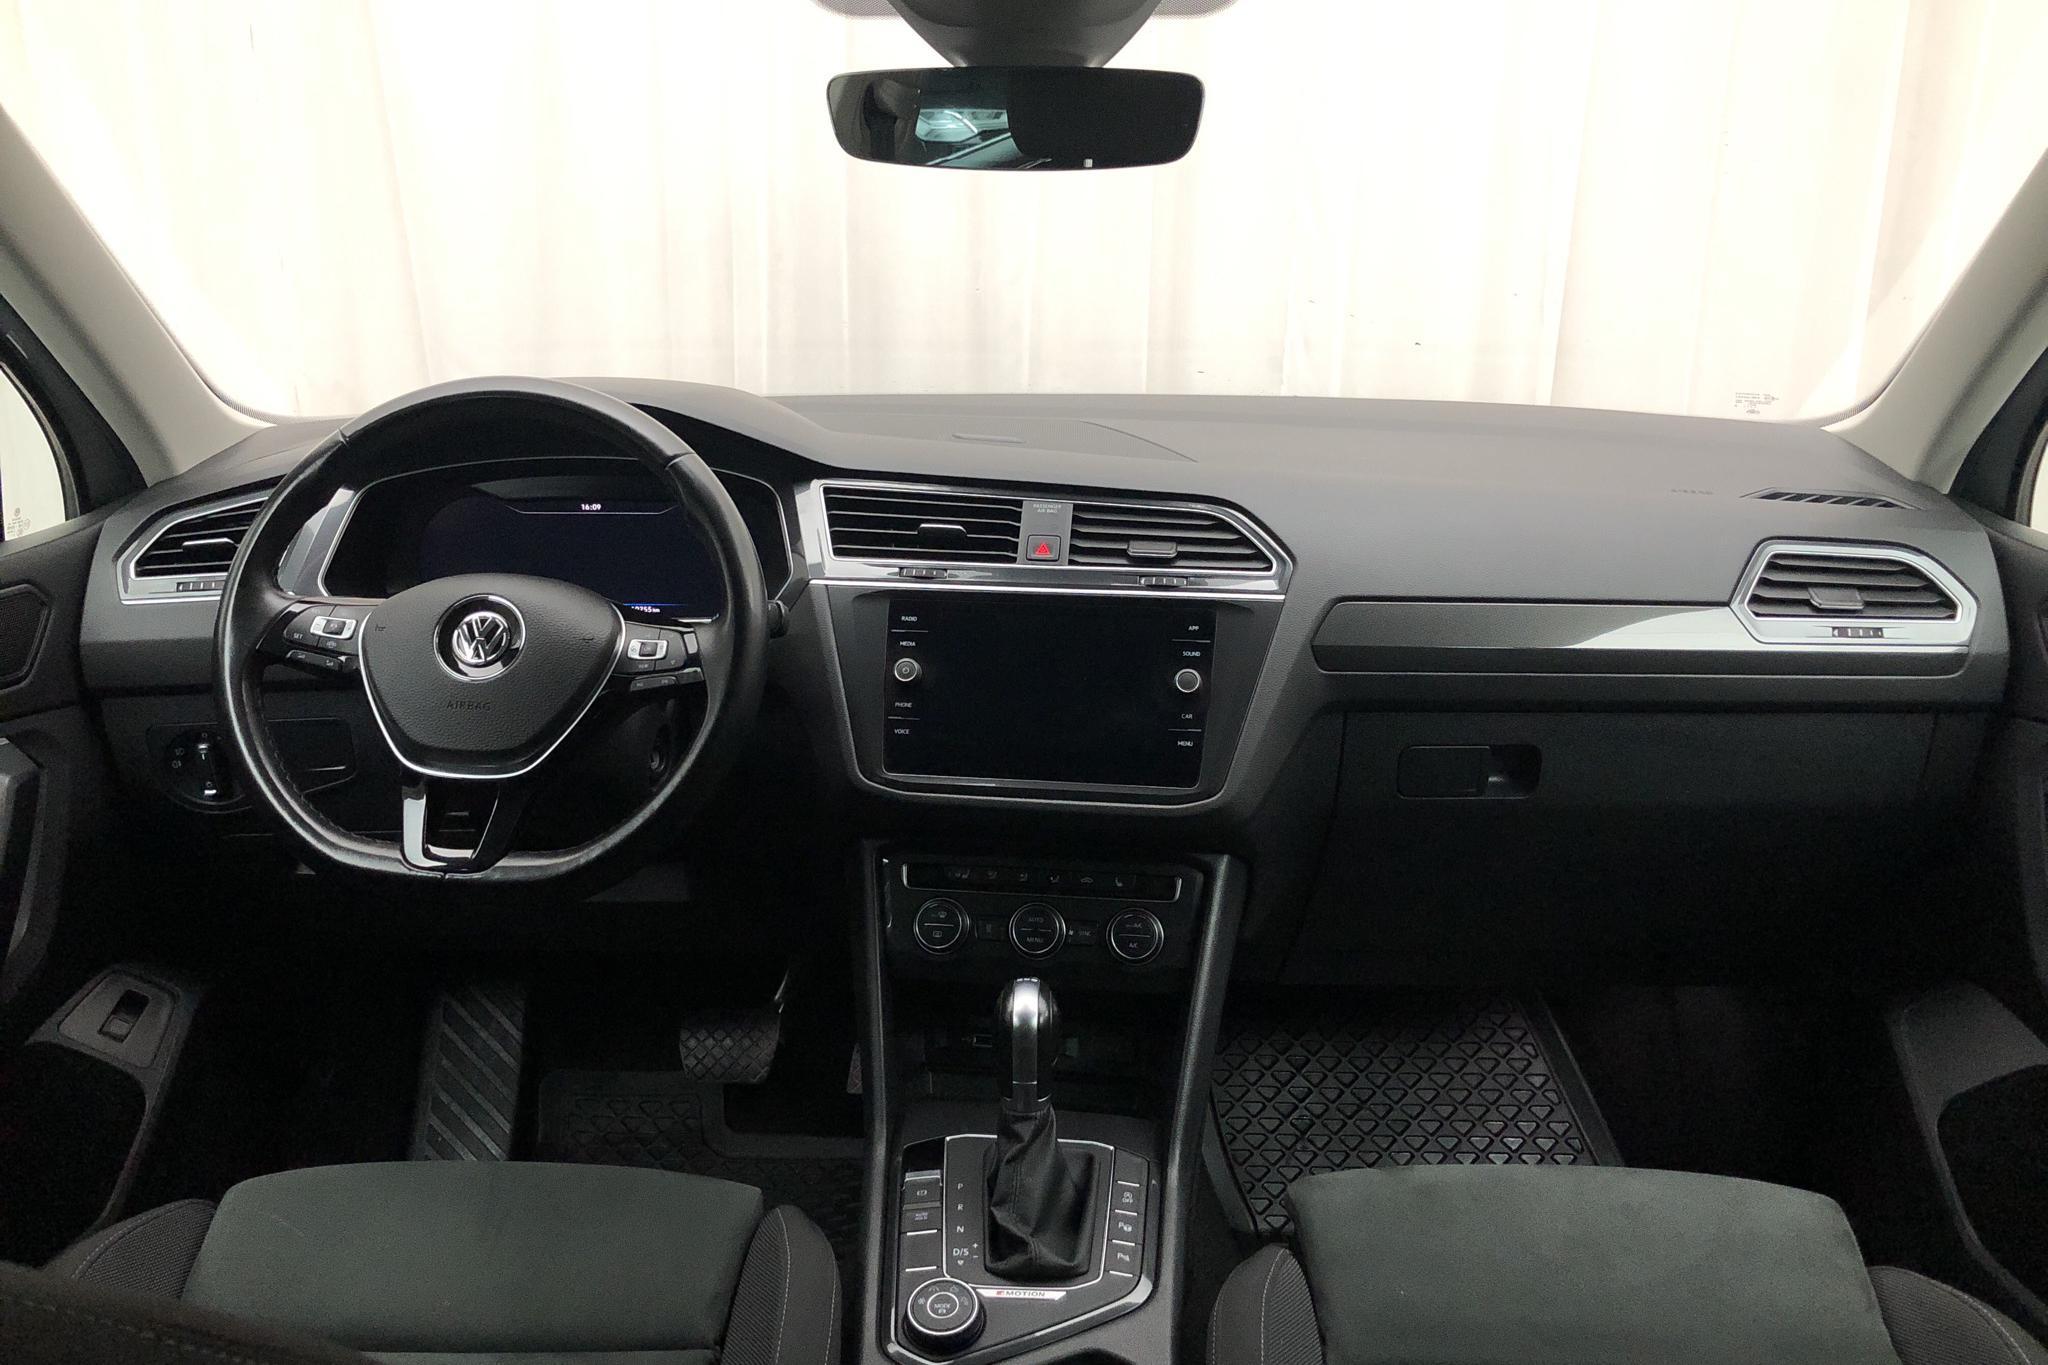 VW Tiguan 2.0 TDI 4MOTION (190hk) - 110 750 km - Automatic - gray - 2019